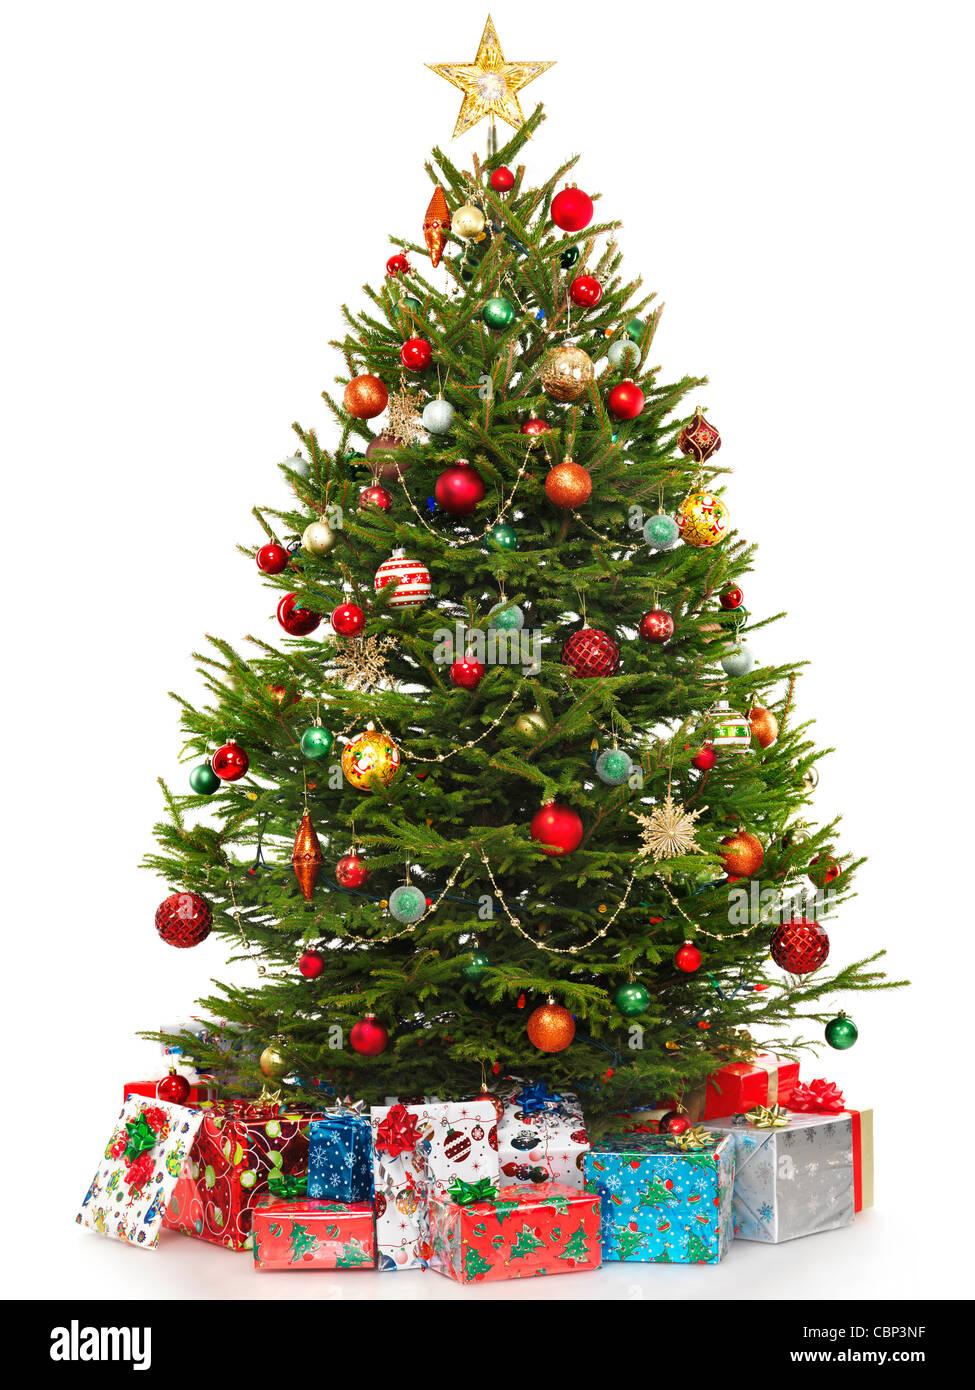 schöner geschmückter weihnachtsbaum mit bunten verpackt